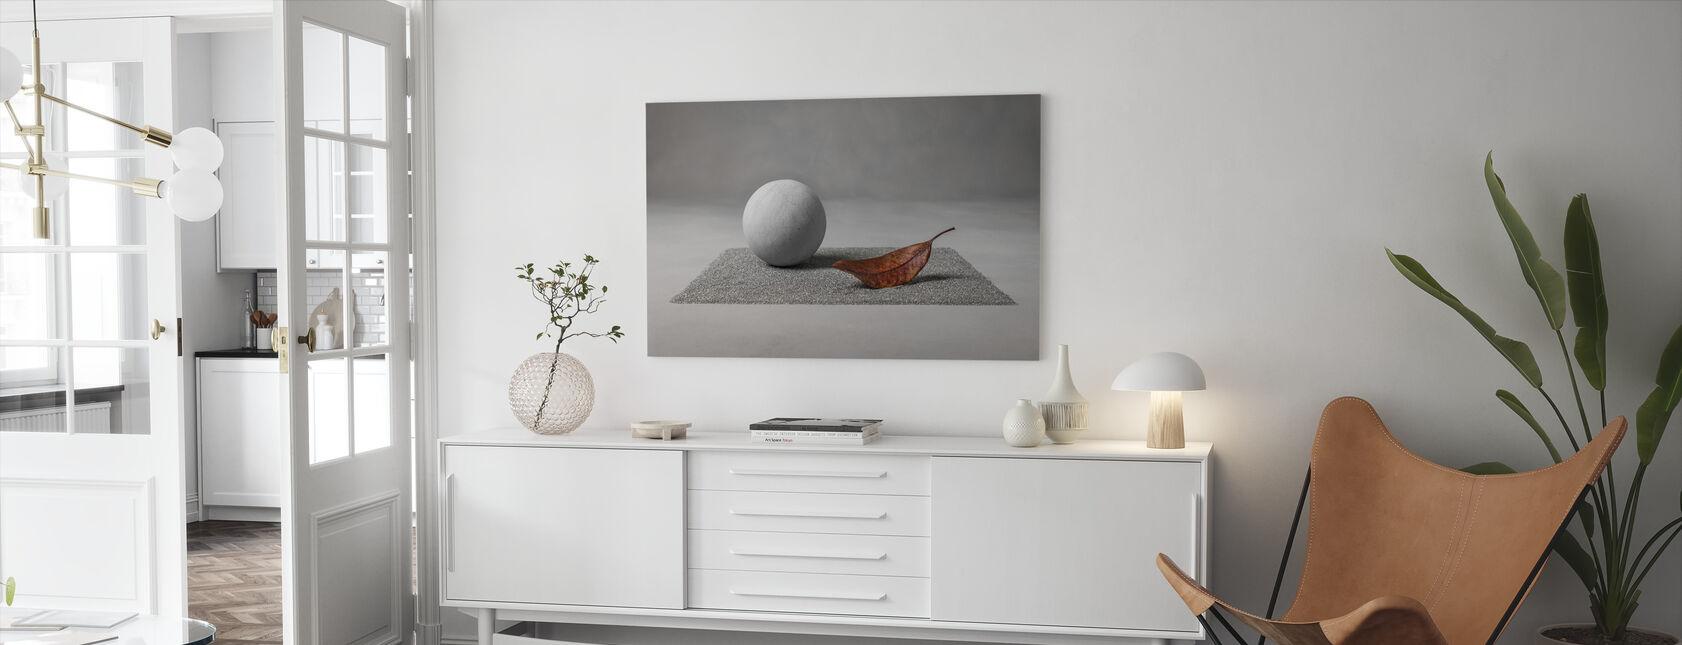 Maan landing - Canvas print - Woonkamer